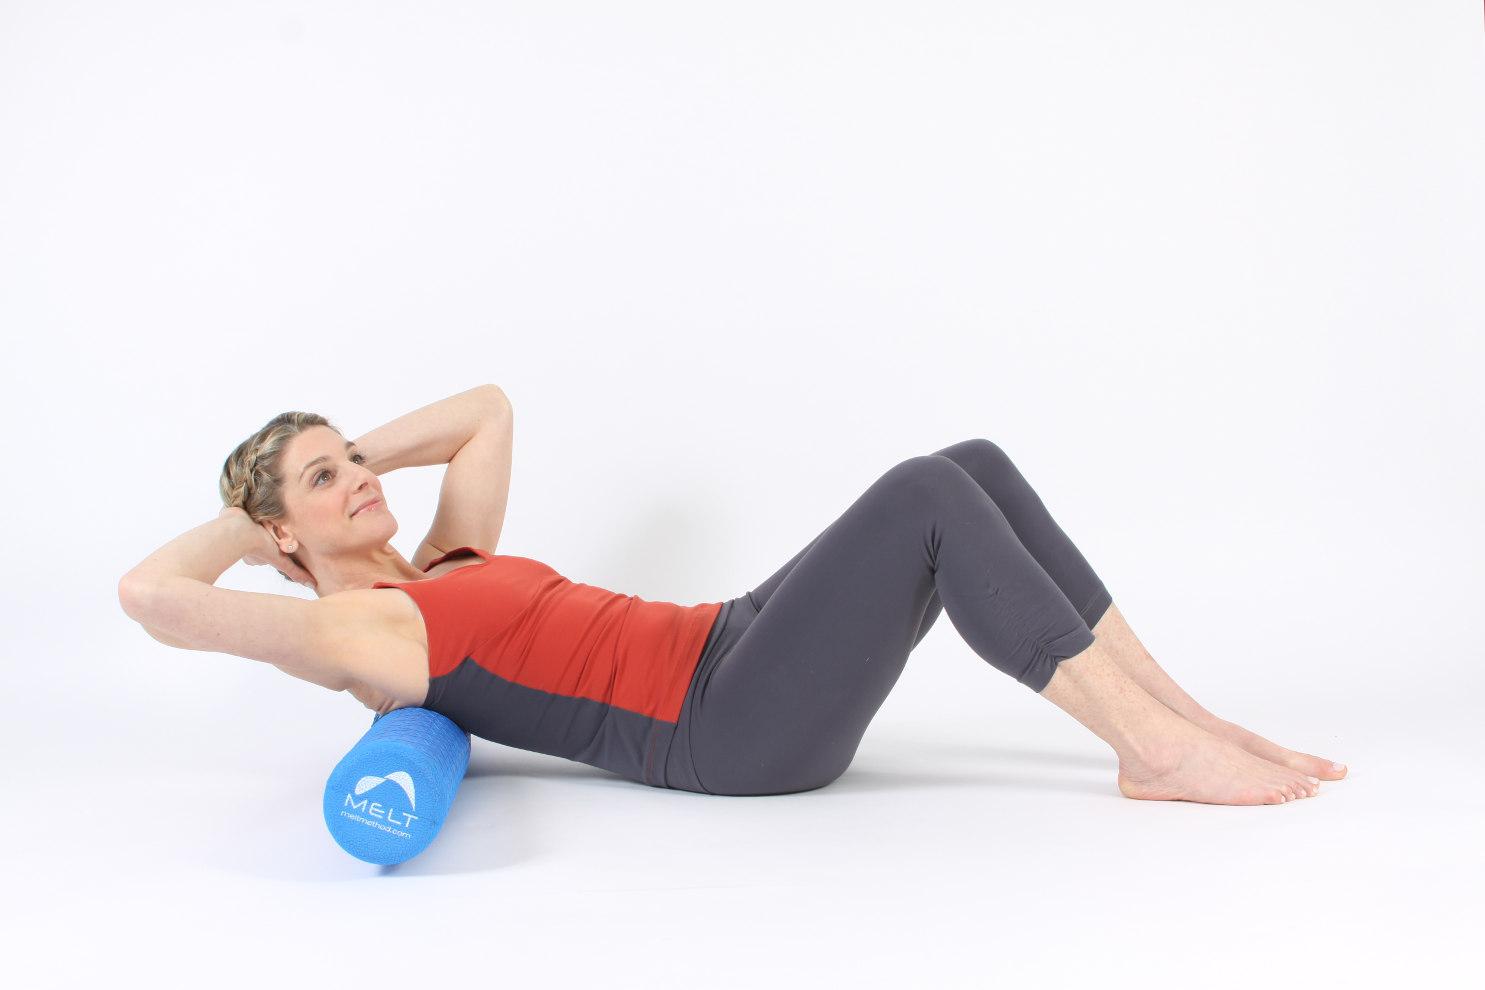 MELT Roller - Full Soft Body Roller